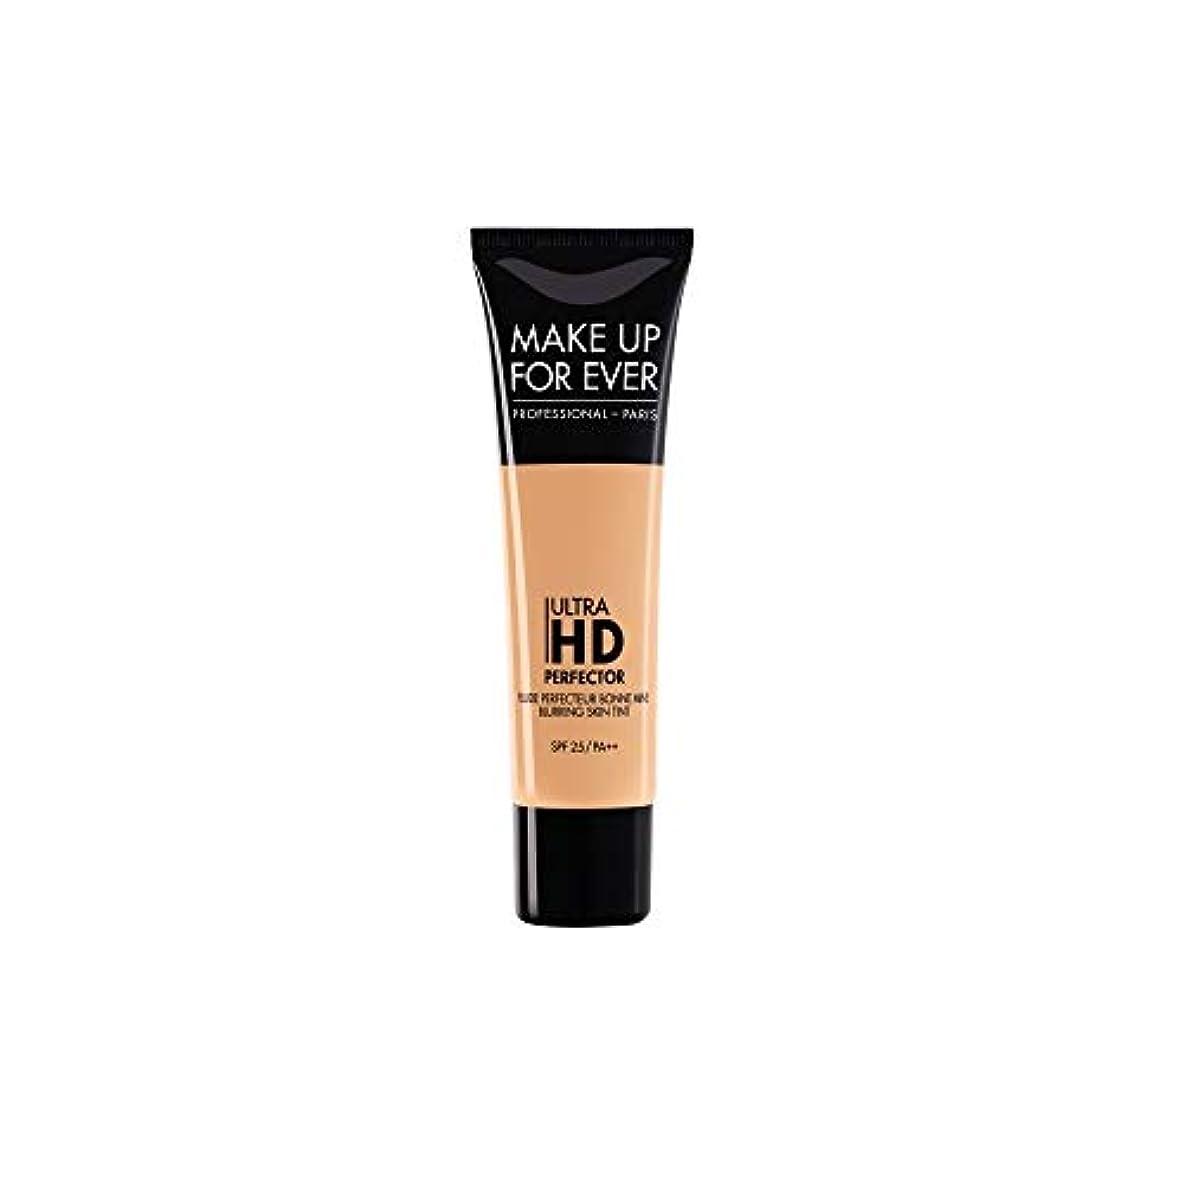 メイクアップフォーエバー Ultra HD Perfector Blurring Skin Tint SPF25 - # 07 Golden Apricot 30ml/1.01oz並行輸入品